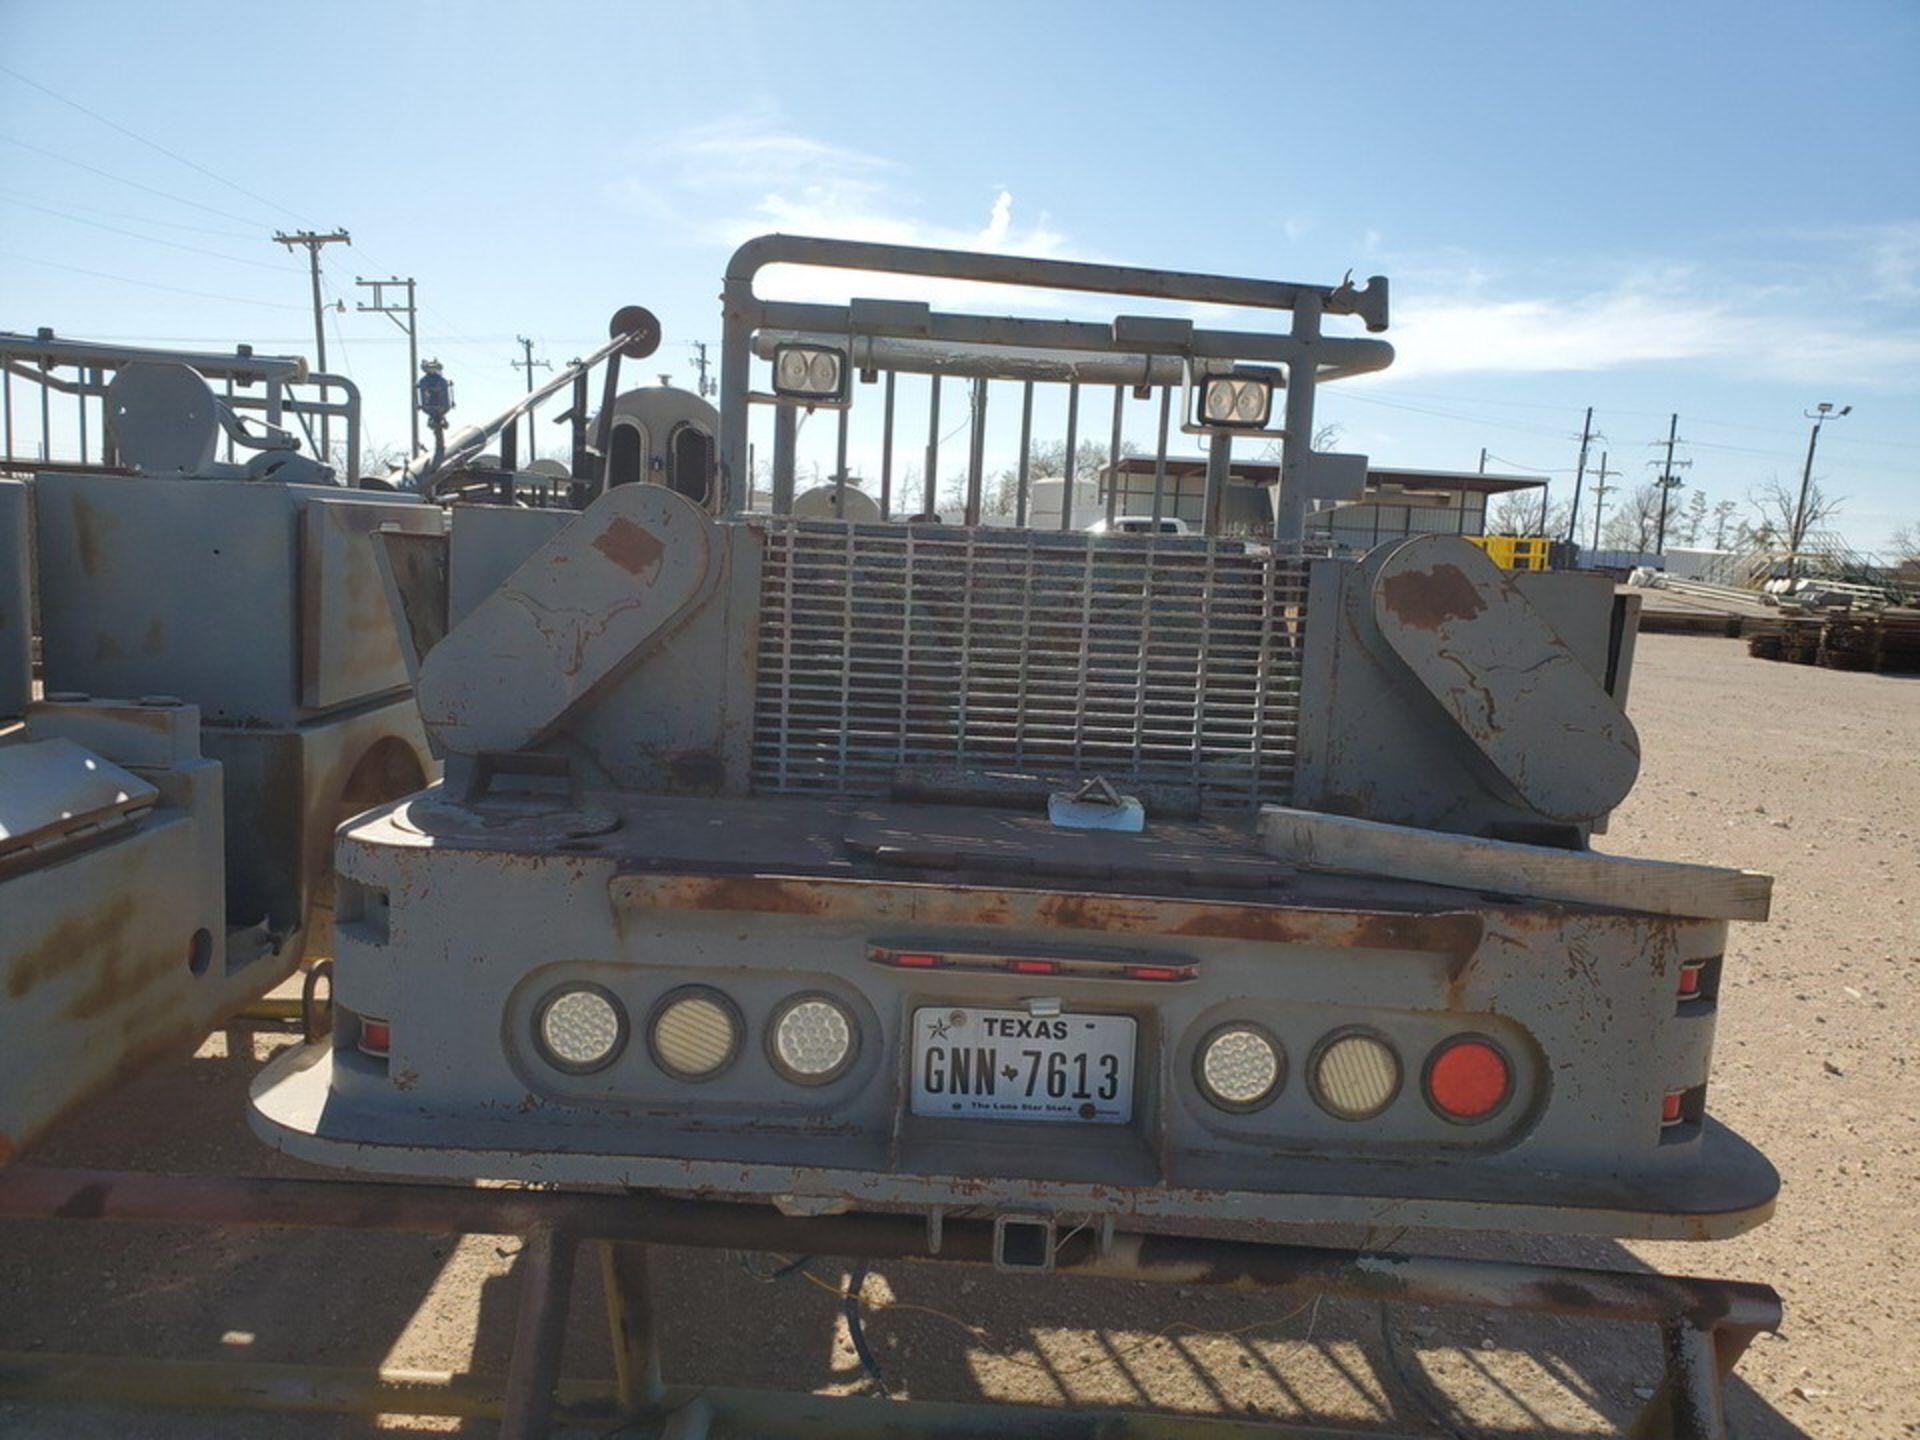 Welding Truck Bed - Image 4 of 10